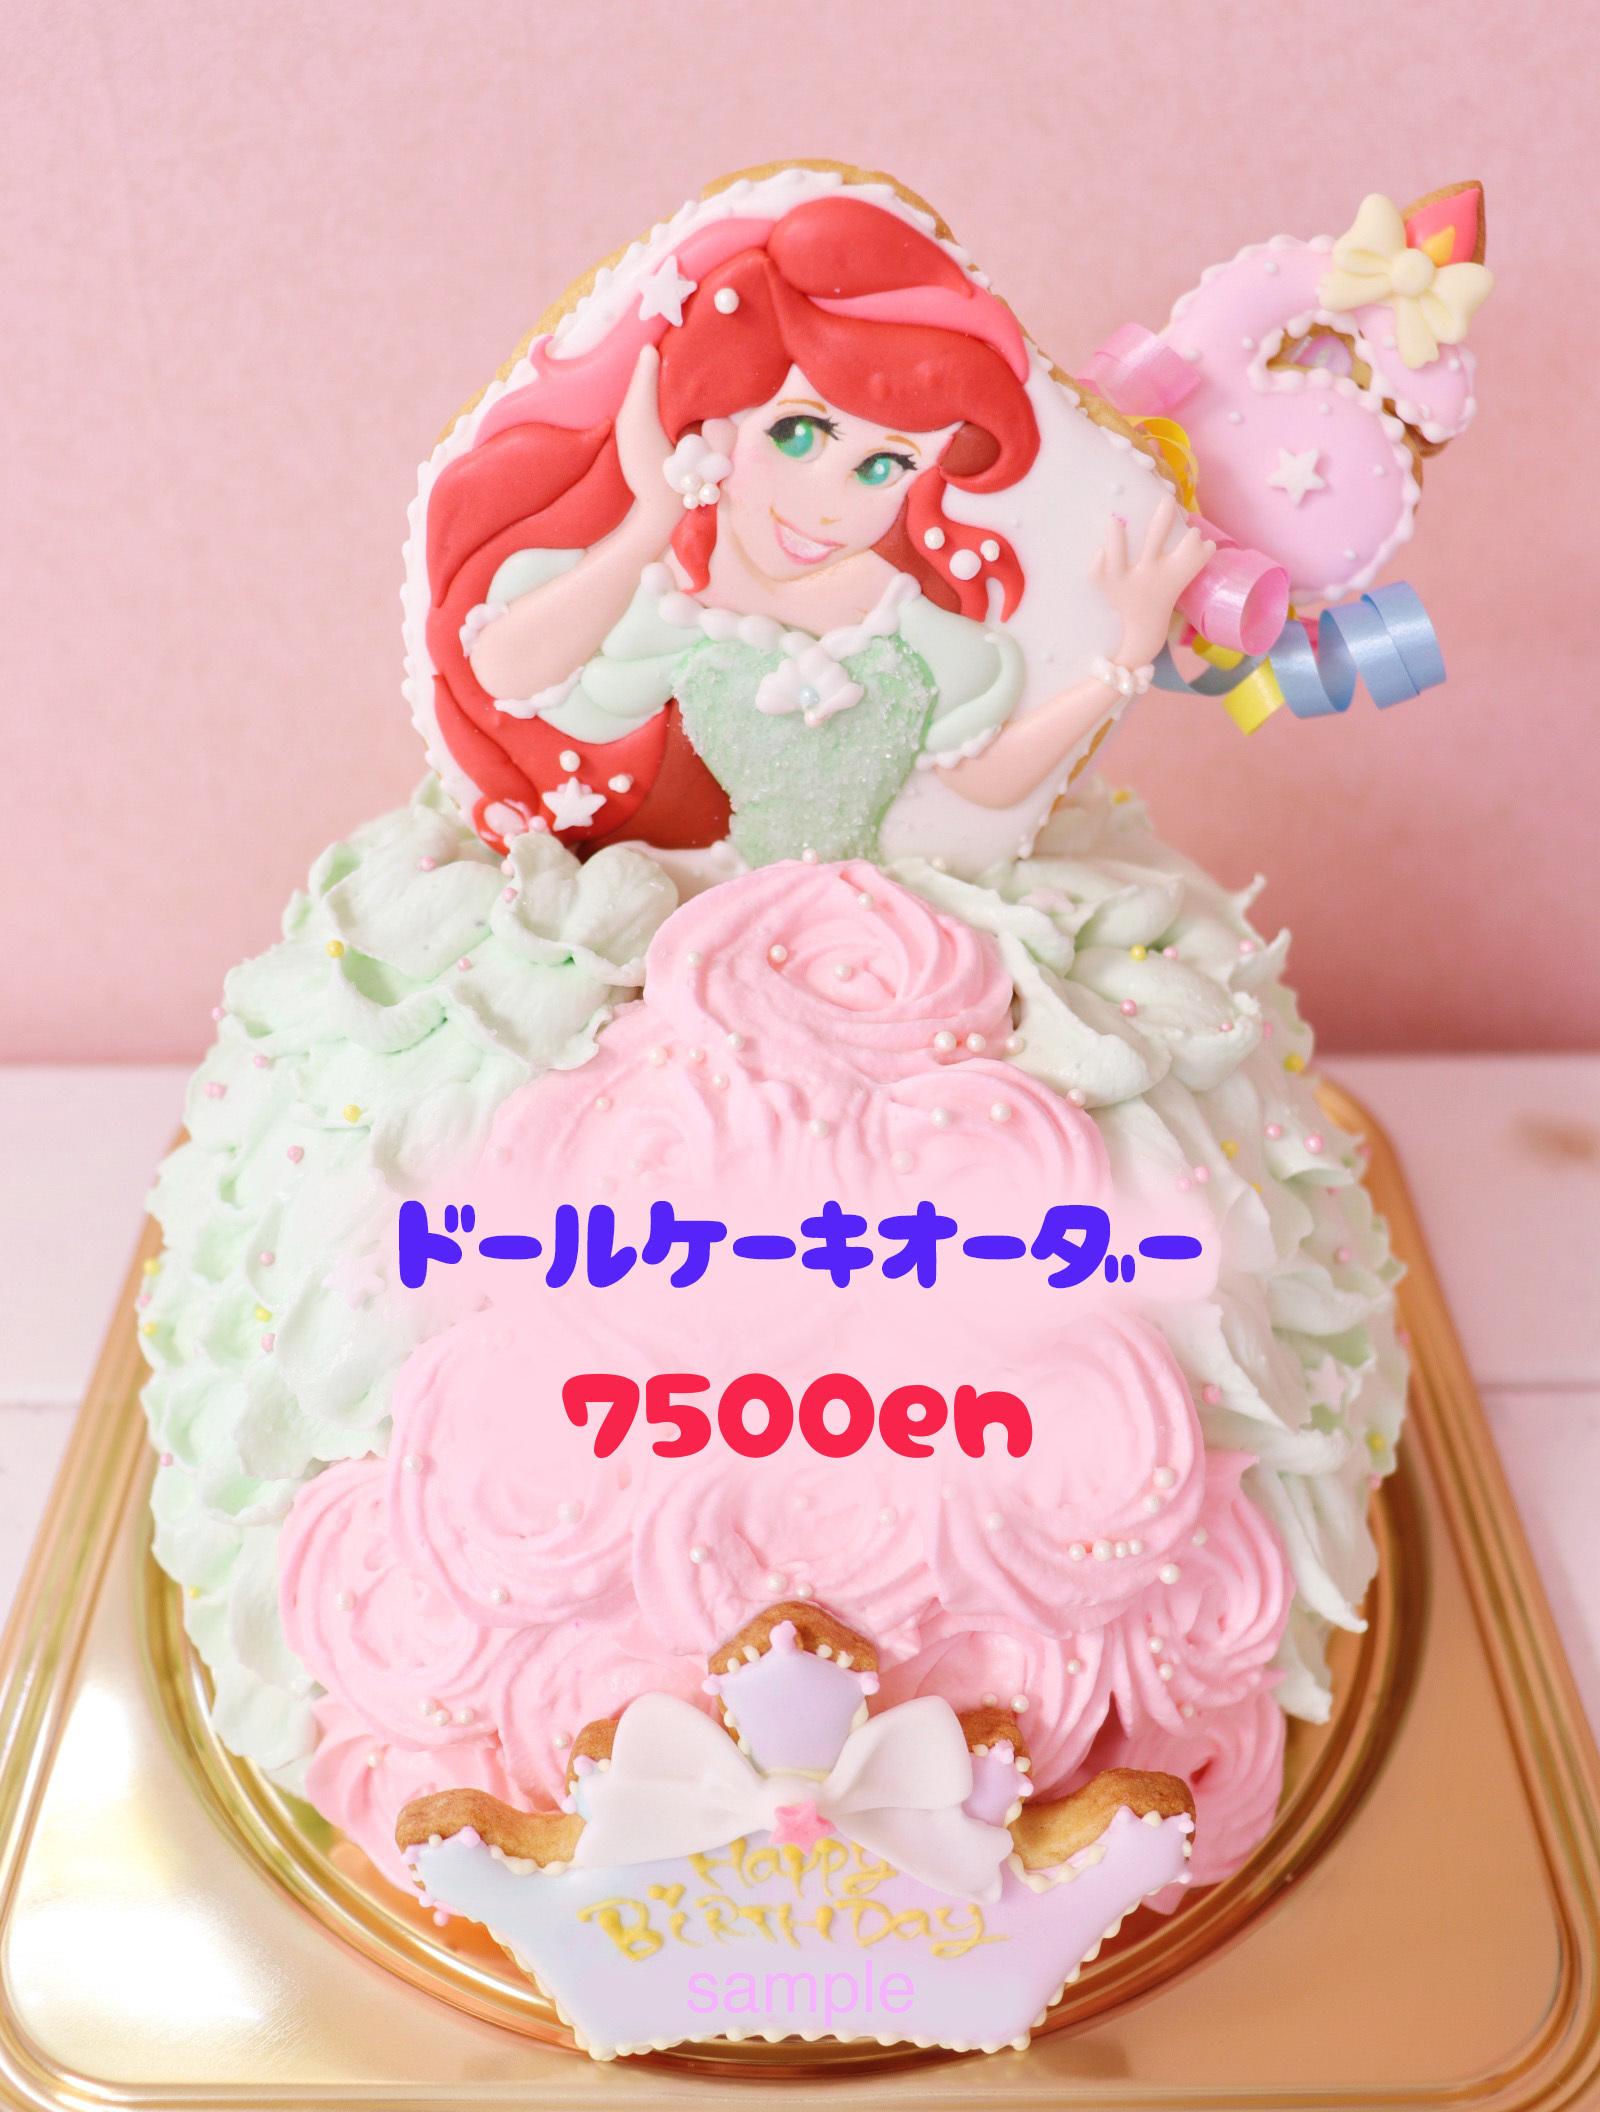 【11月1日〜11月30日分】アイシングクッキードールケーキ